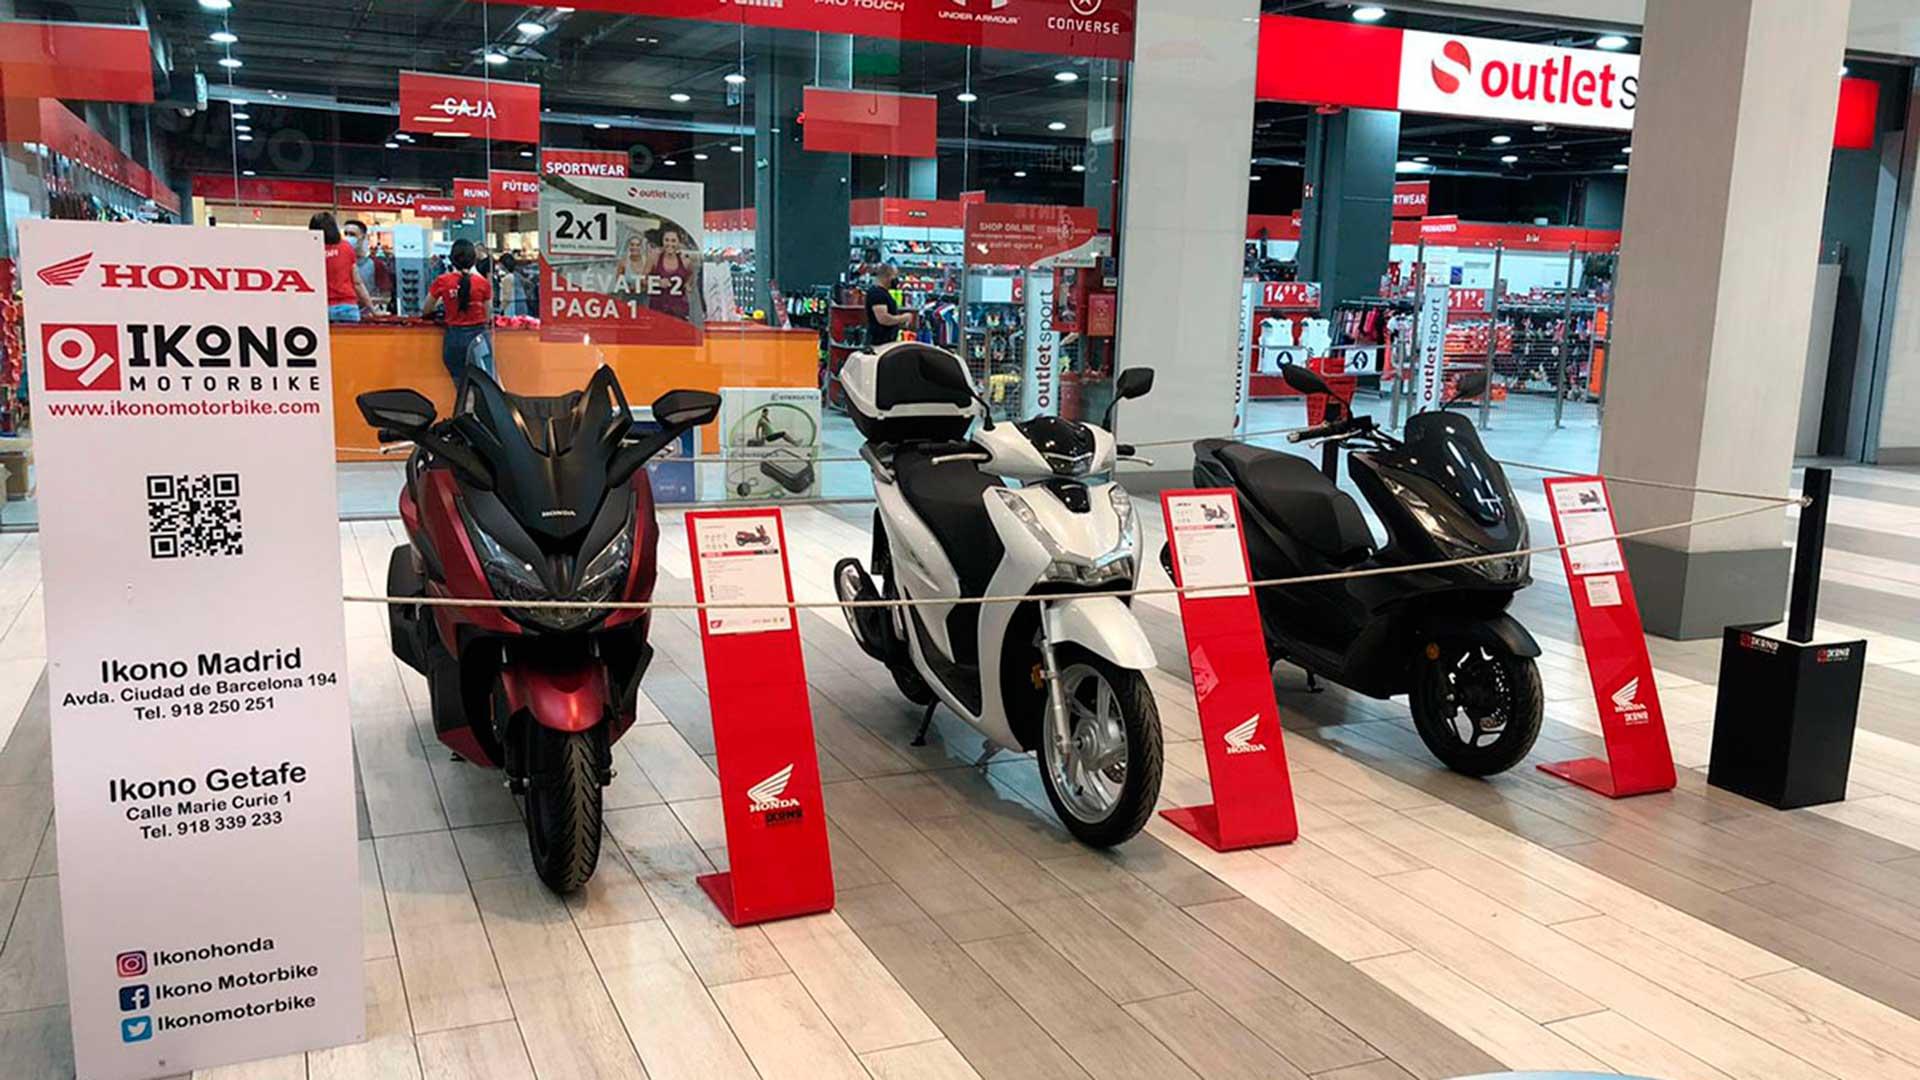 Las Honda más urbanas llegan a Sambil Outlet a través de Ikono Motorbike